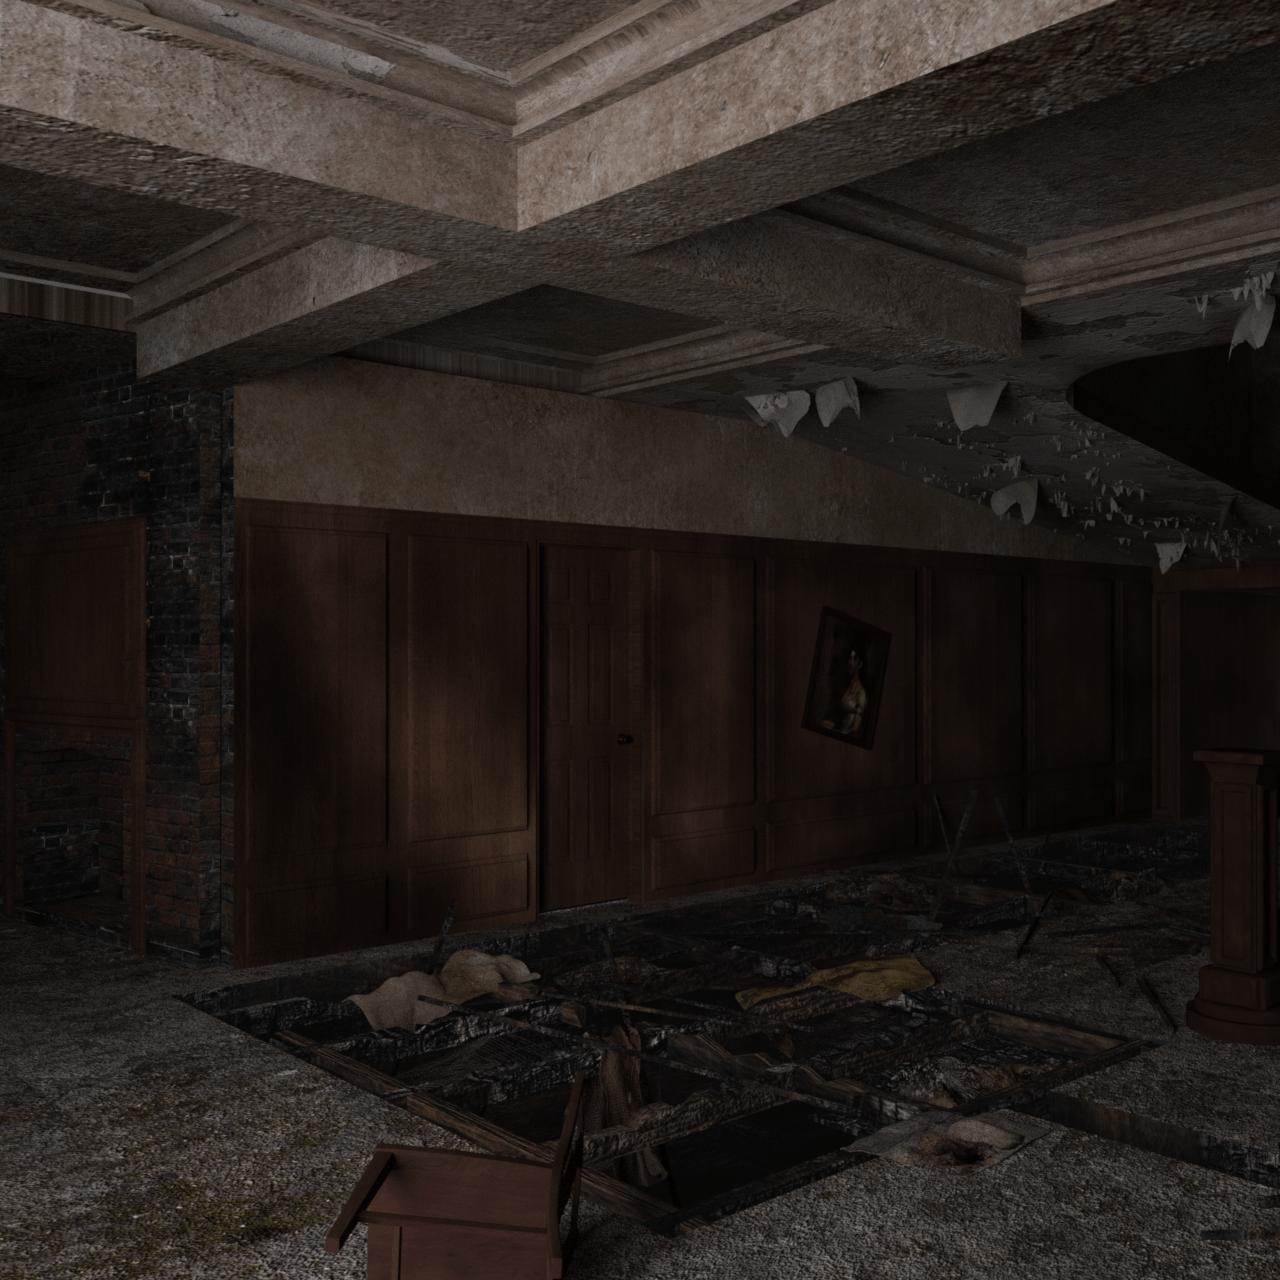 horror house interior with broken floor